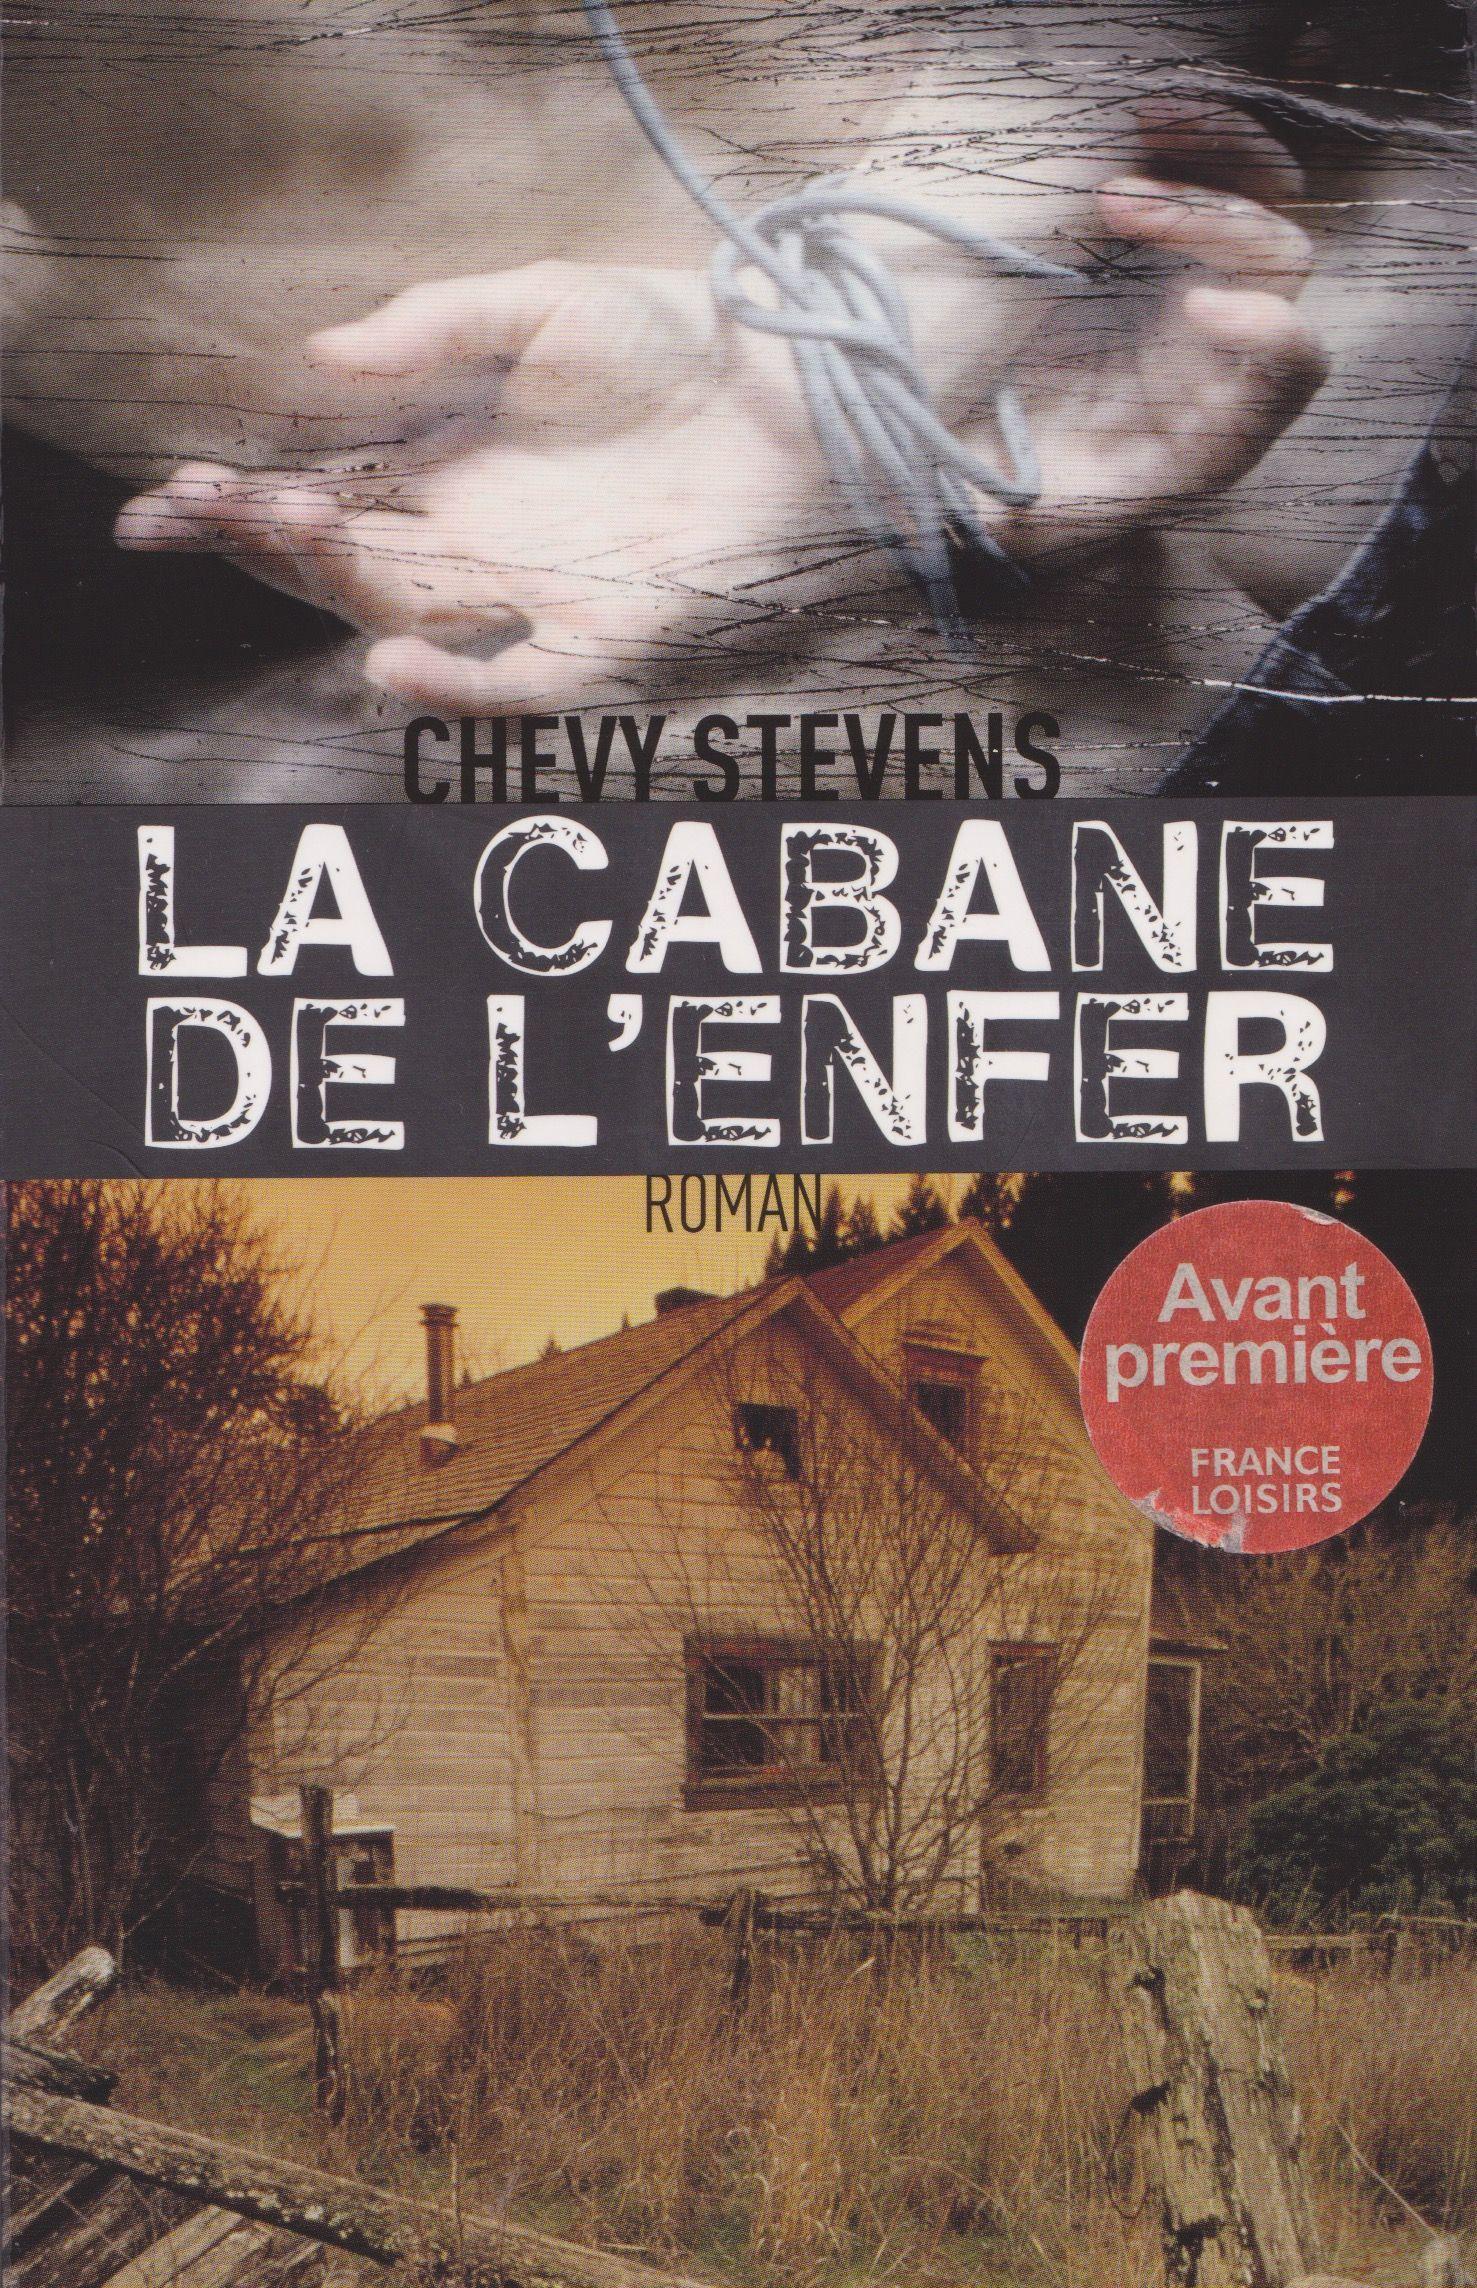 Couvertures Images Et Illustrations De Sequestree De Chevy Stevens France Loisirs Illustrations Livres A Lire